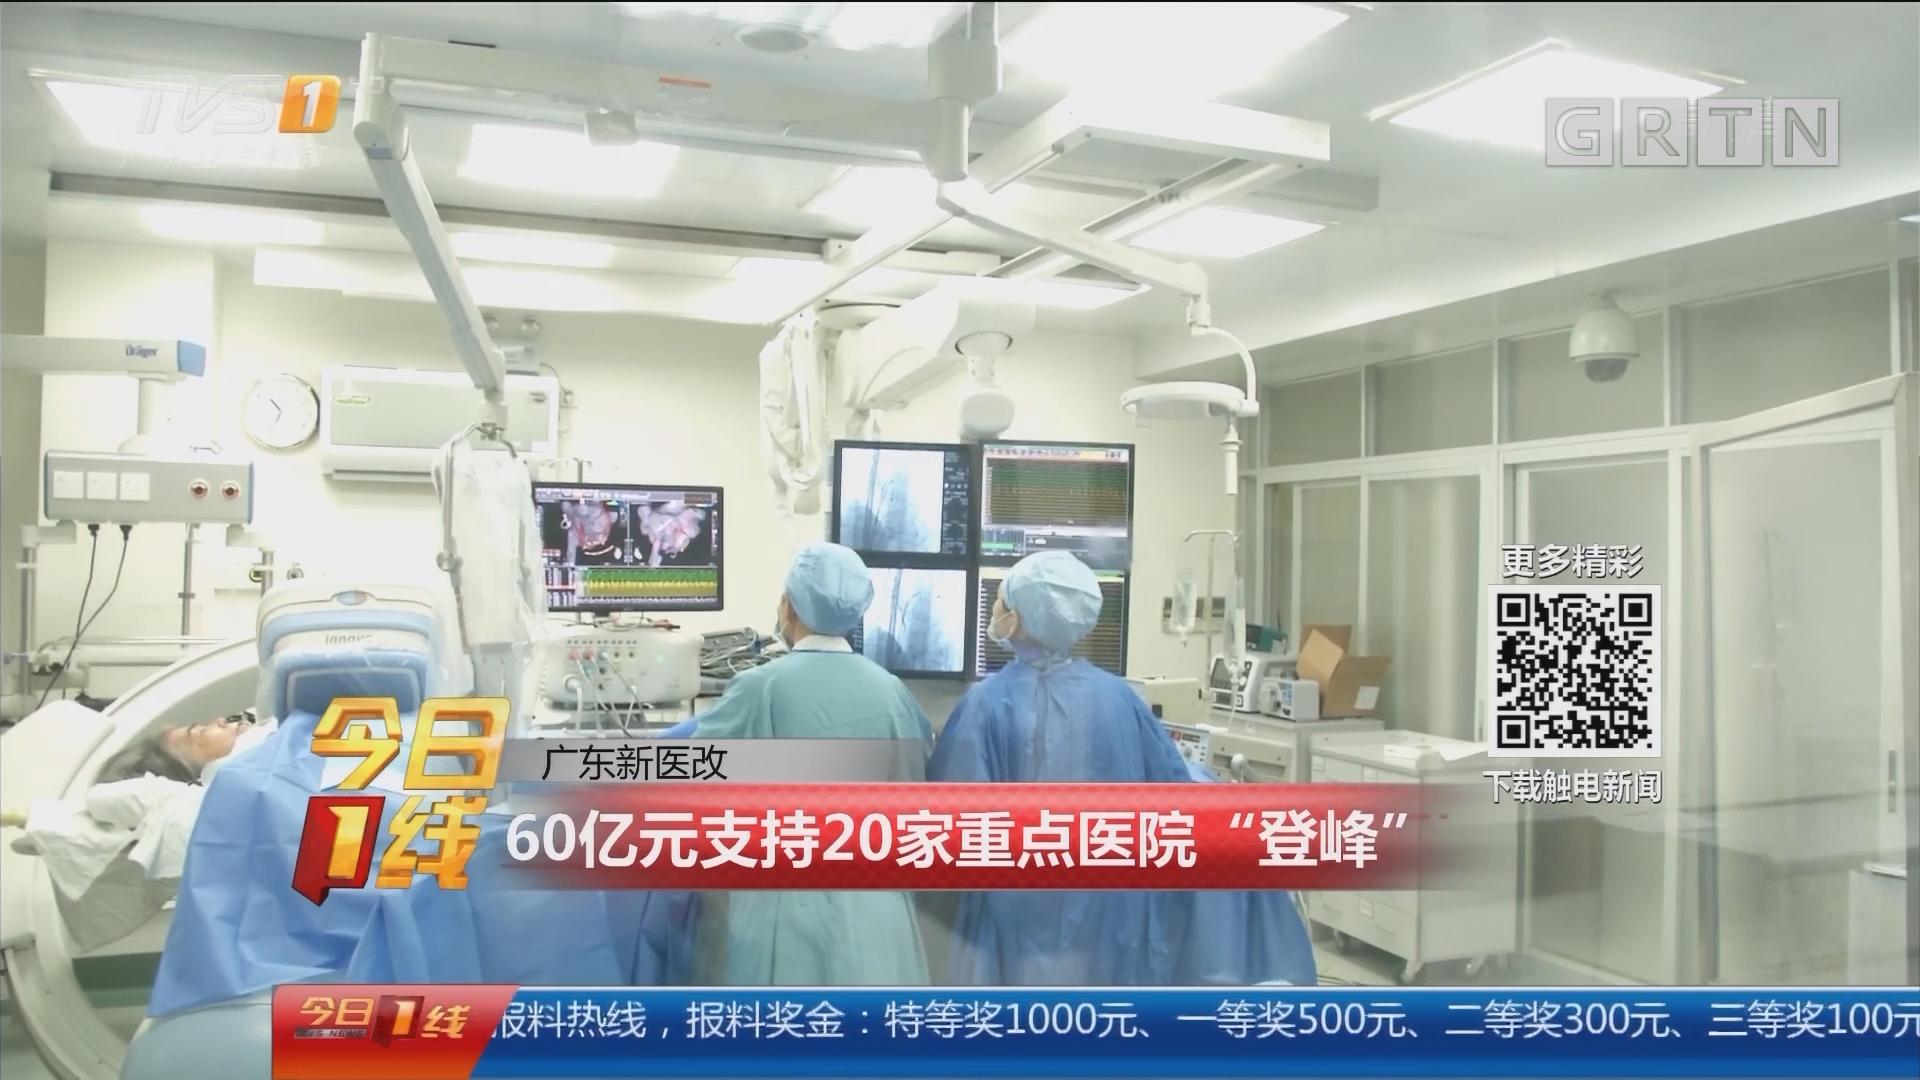 """广东新医改:60亿元支持20家重点医院""""登峰"""""""